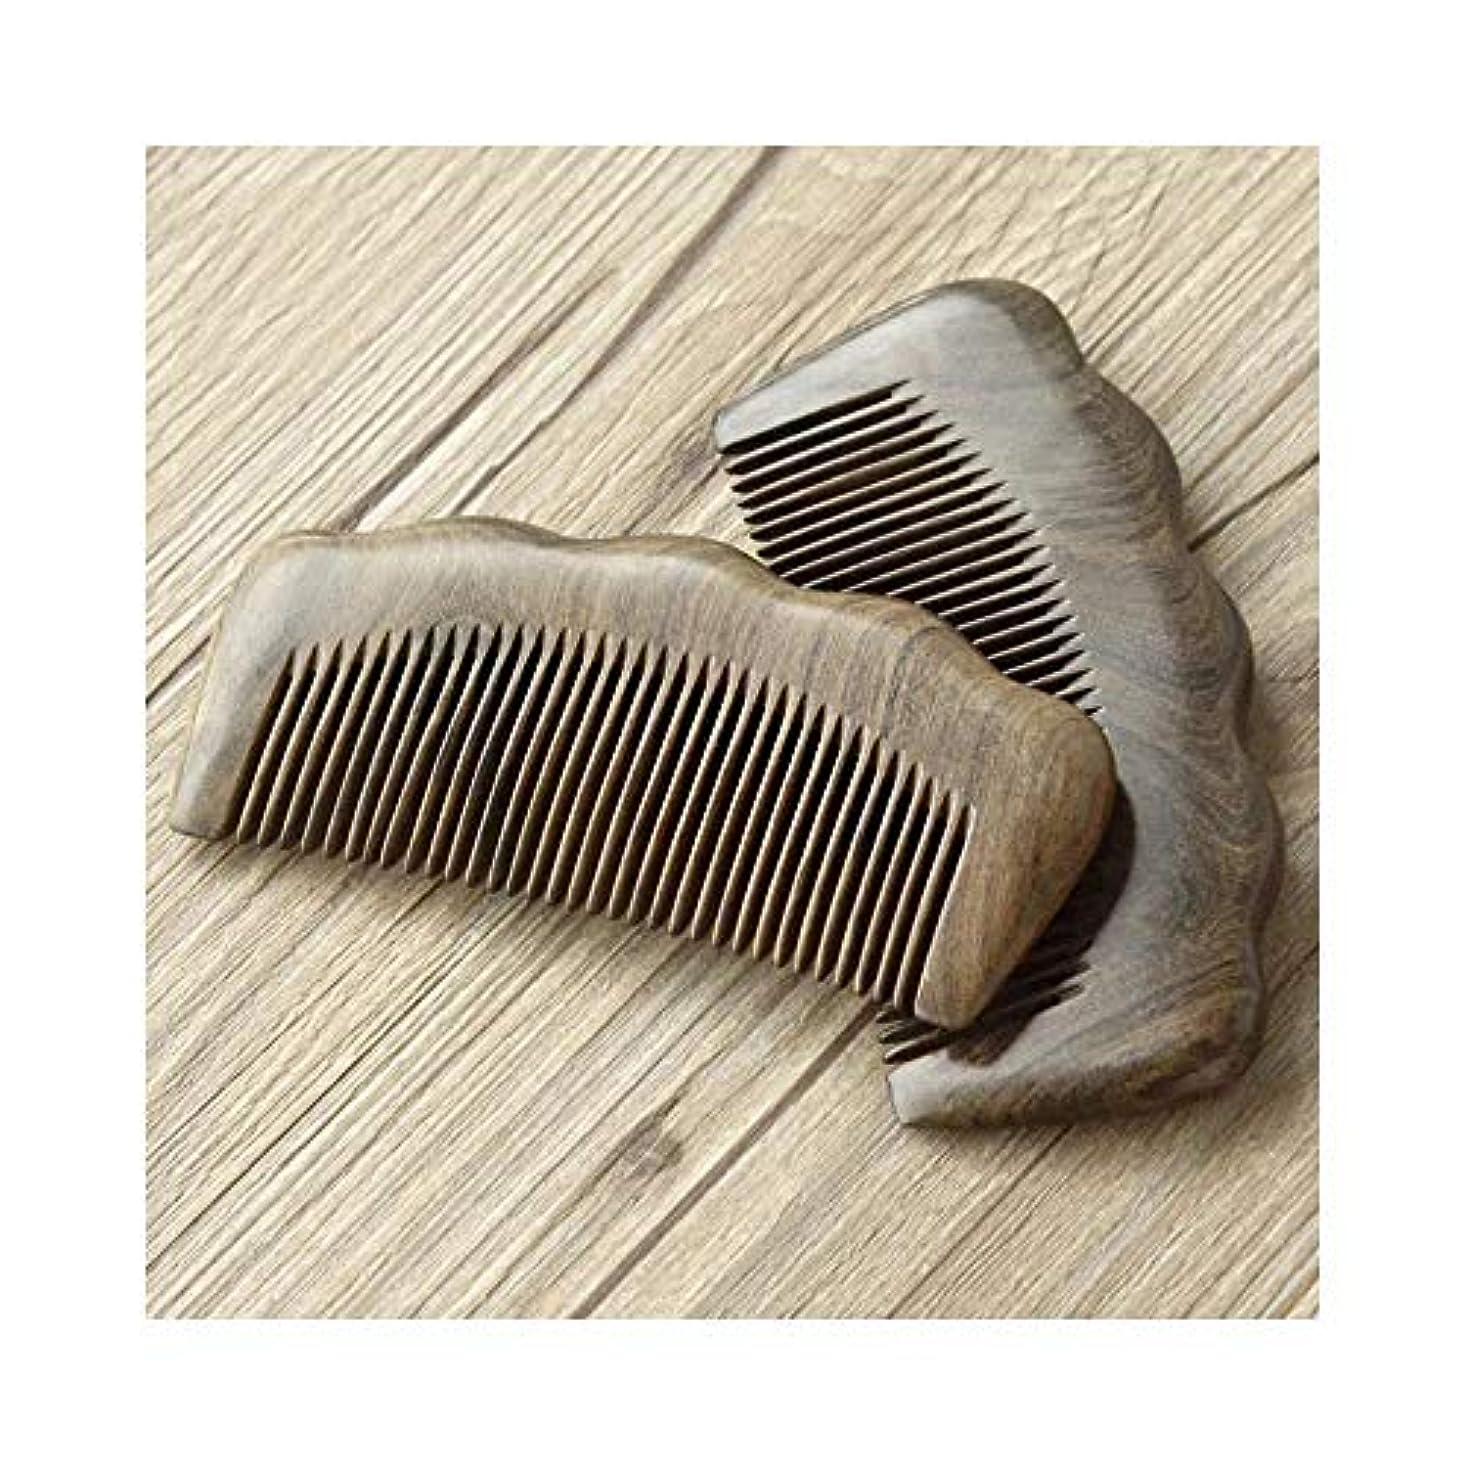 従うもう一度アーティストFashianナチュラルサンダルウッドコーム - 全歯と手作りの木製くし静電気防止コーム ヘアケア (色 : 81247)